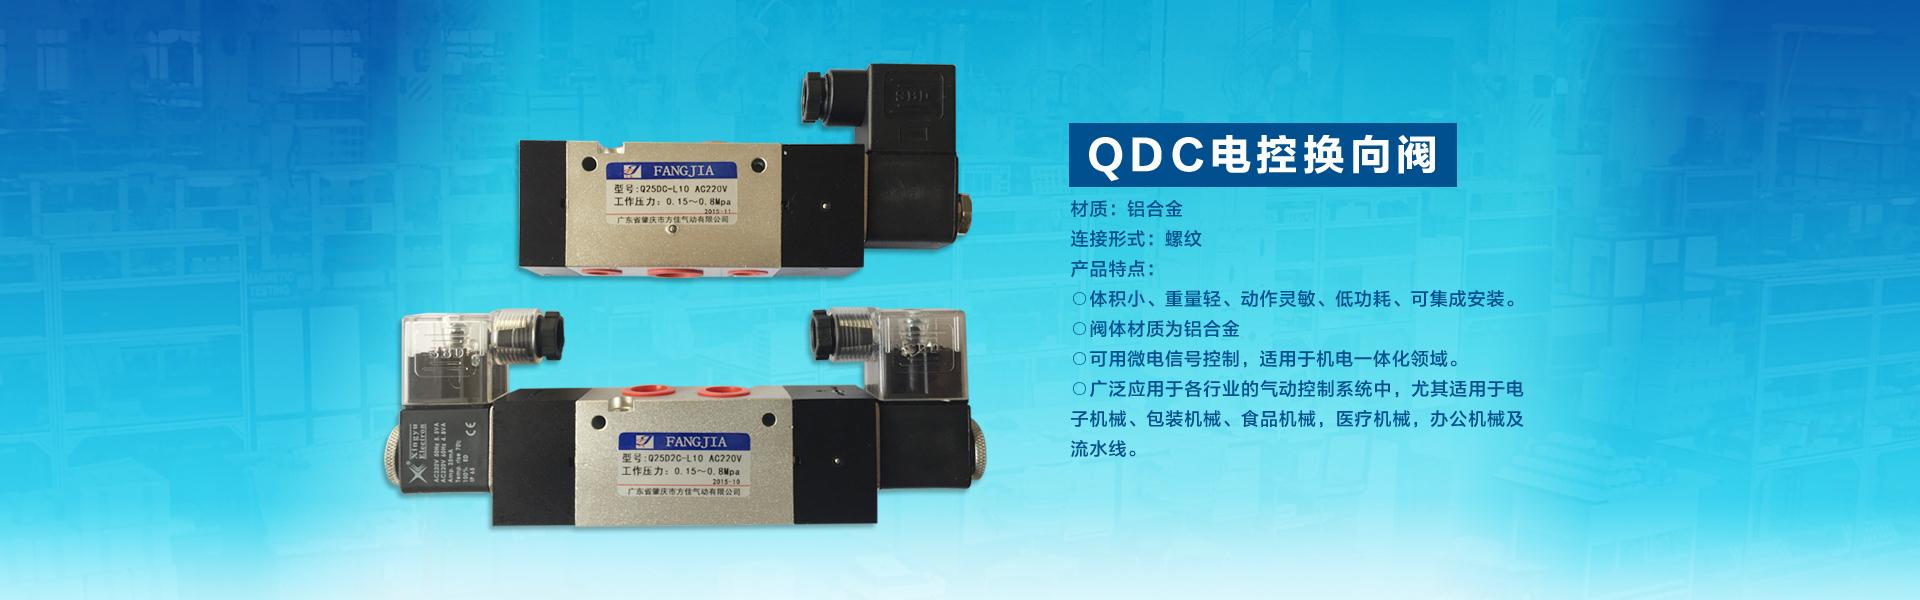 廣東肇慶氣動元件廠-DQK電磁閥